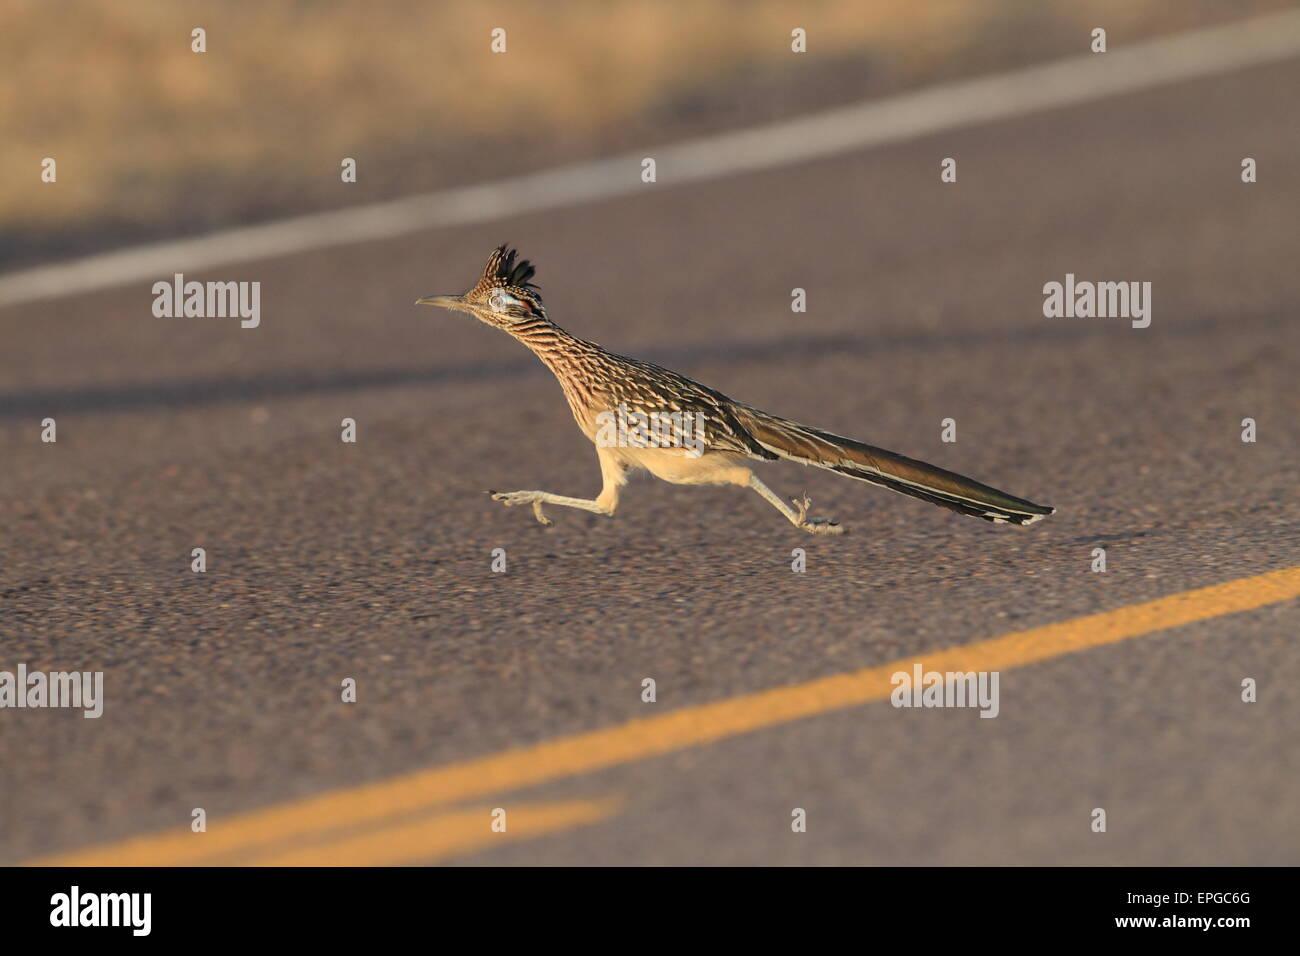 Roadrunner - Stock Image